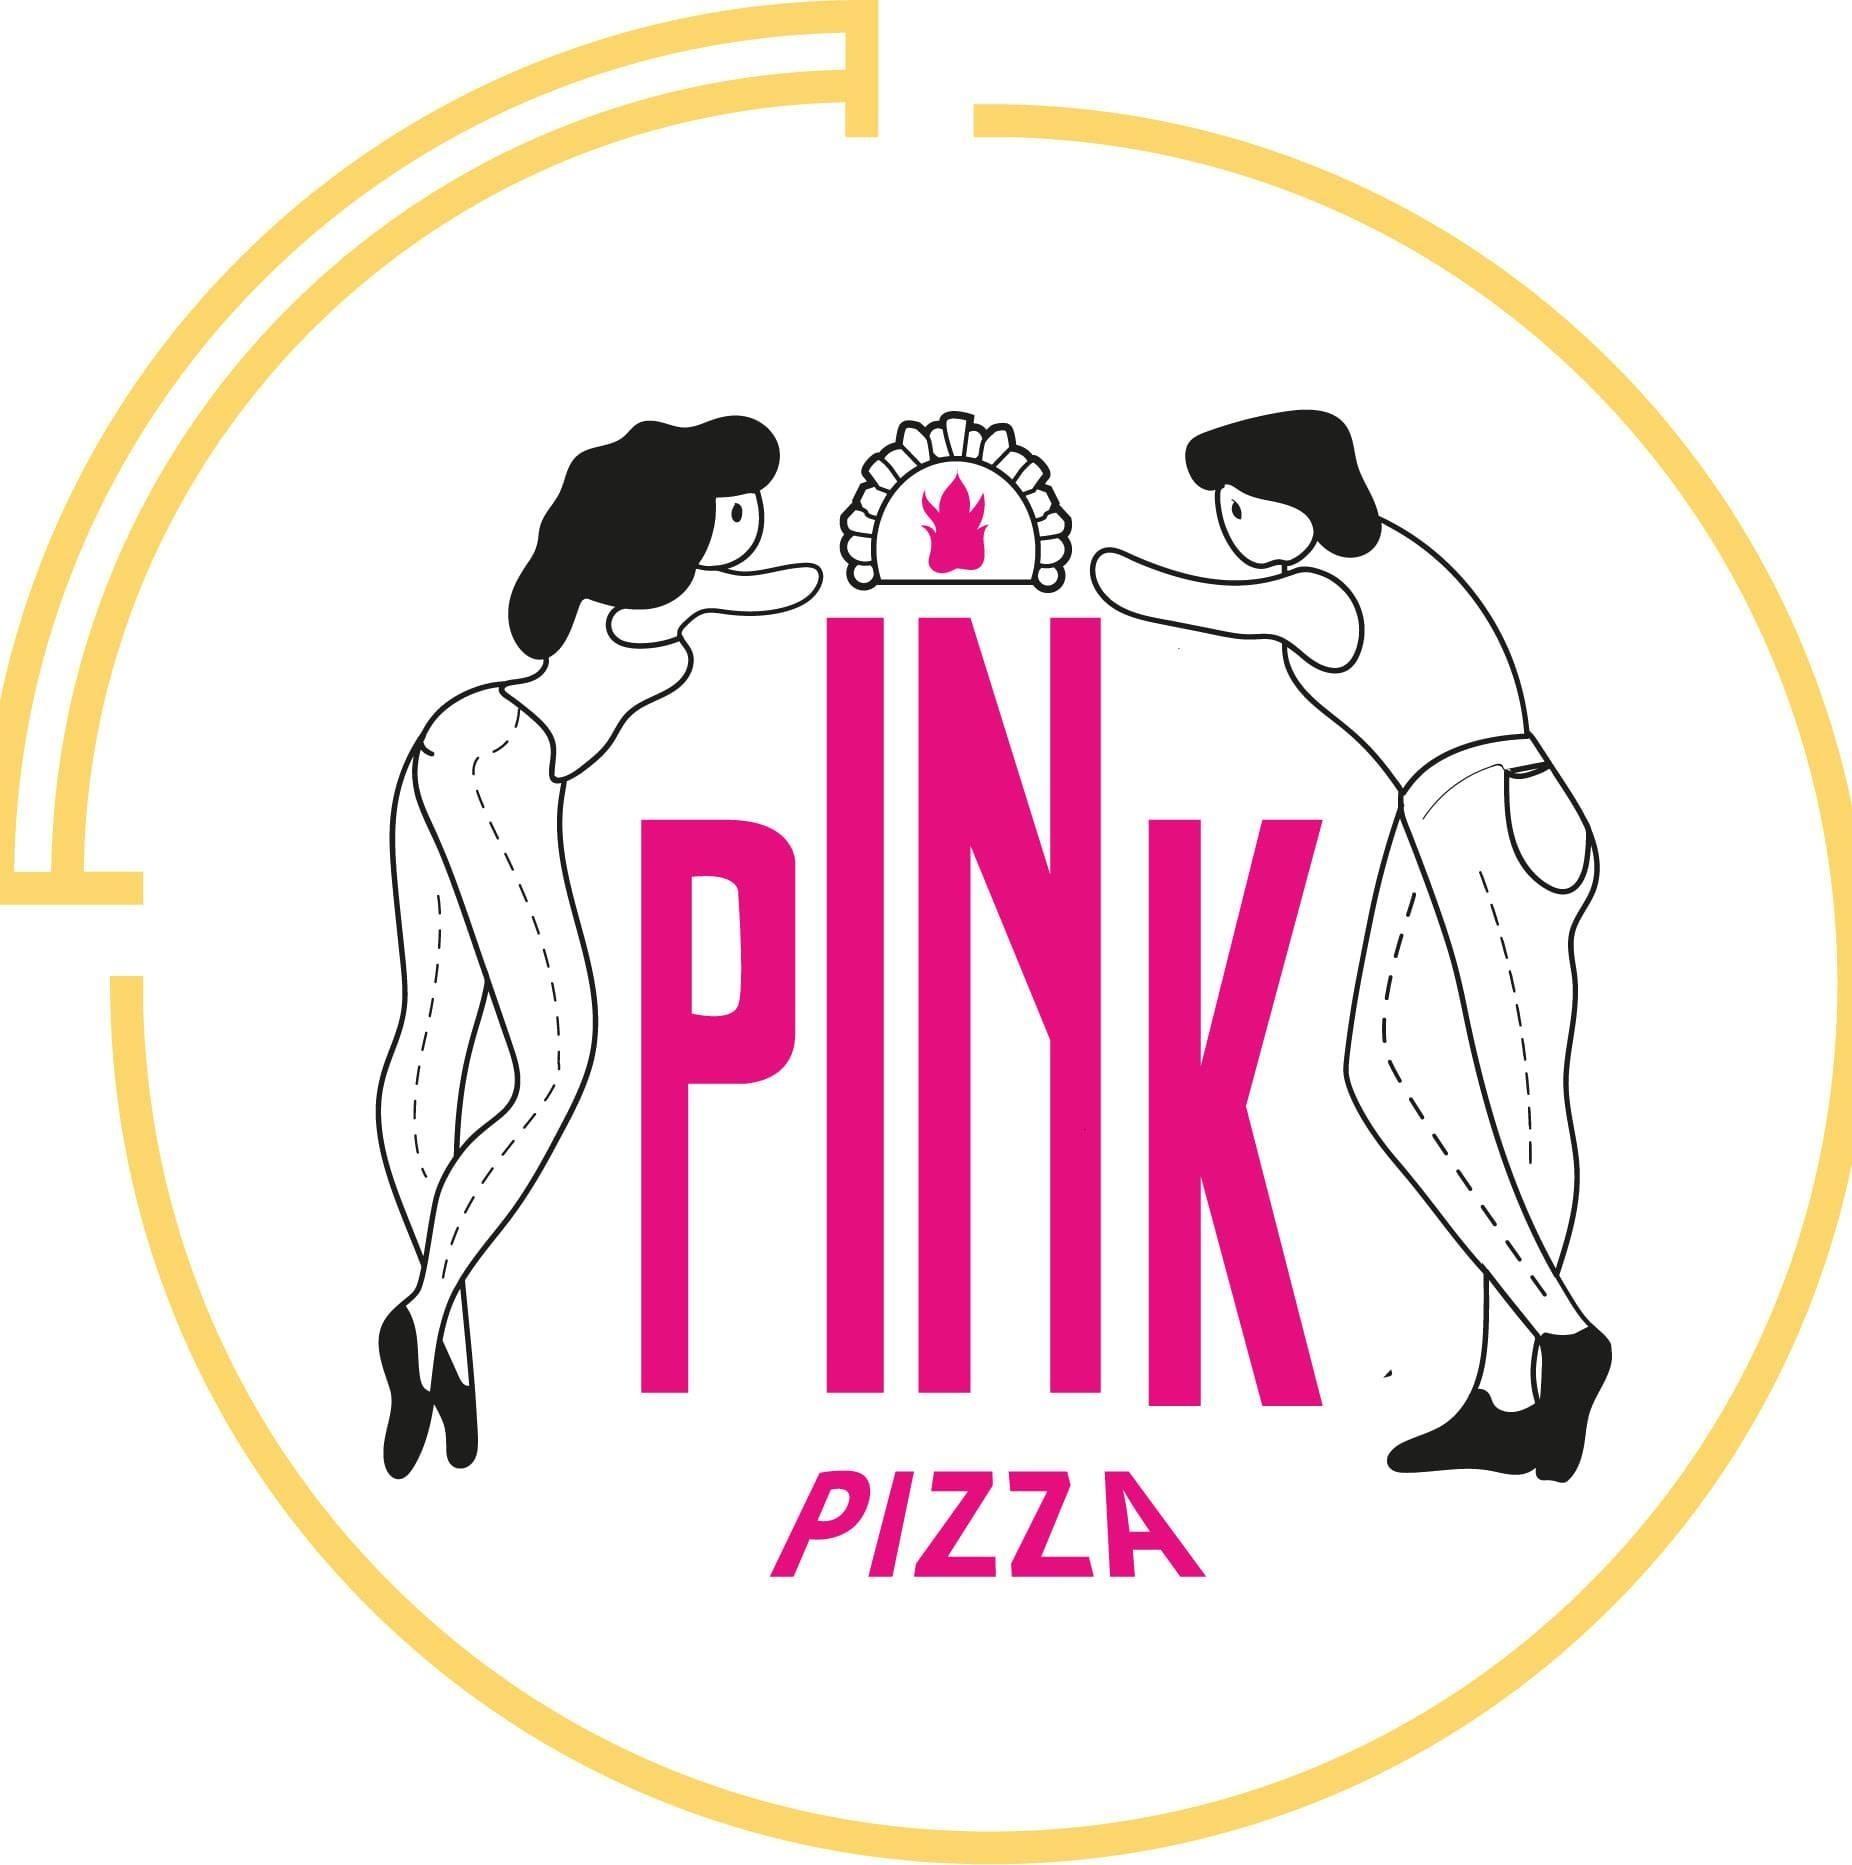 """""""Pink Pizza"""" Pizzeria - Pizzeria d'Asporto - Friggitoria Via Napoleone Colajanni, 163 - 97100 Ragusa (Rg)"""